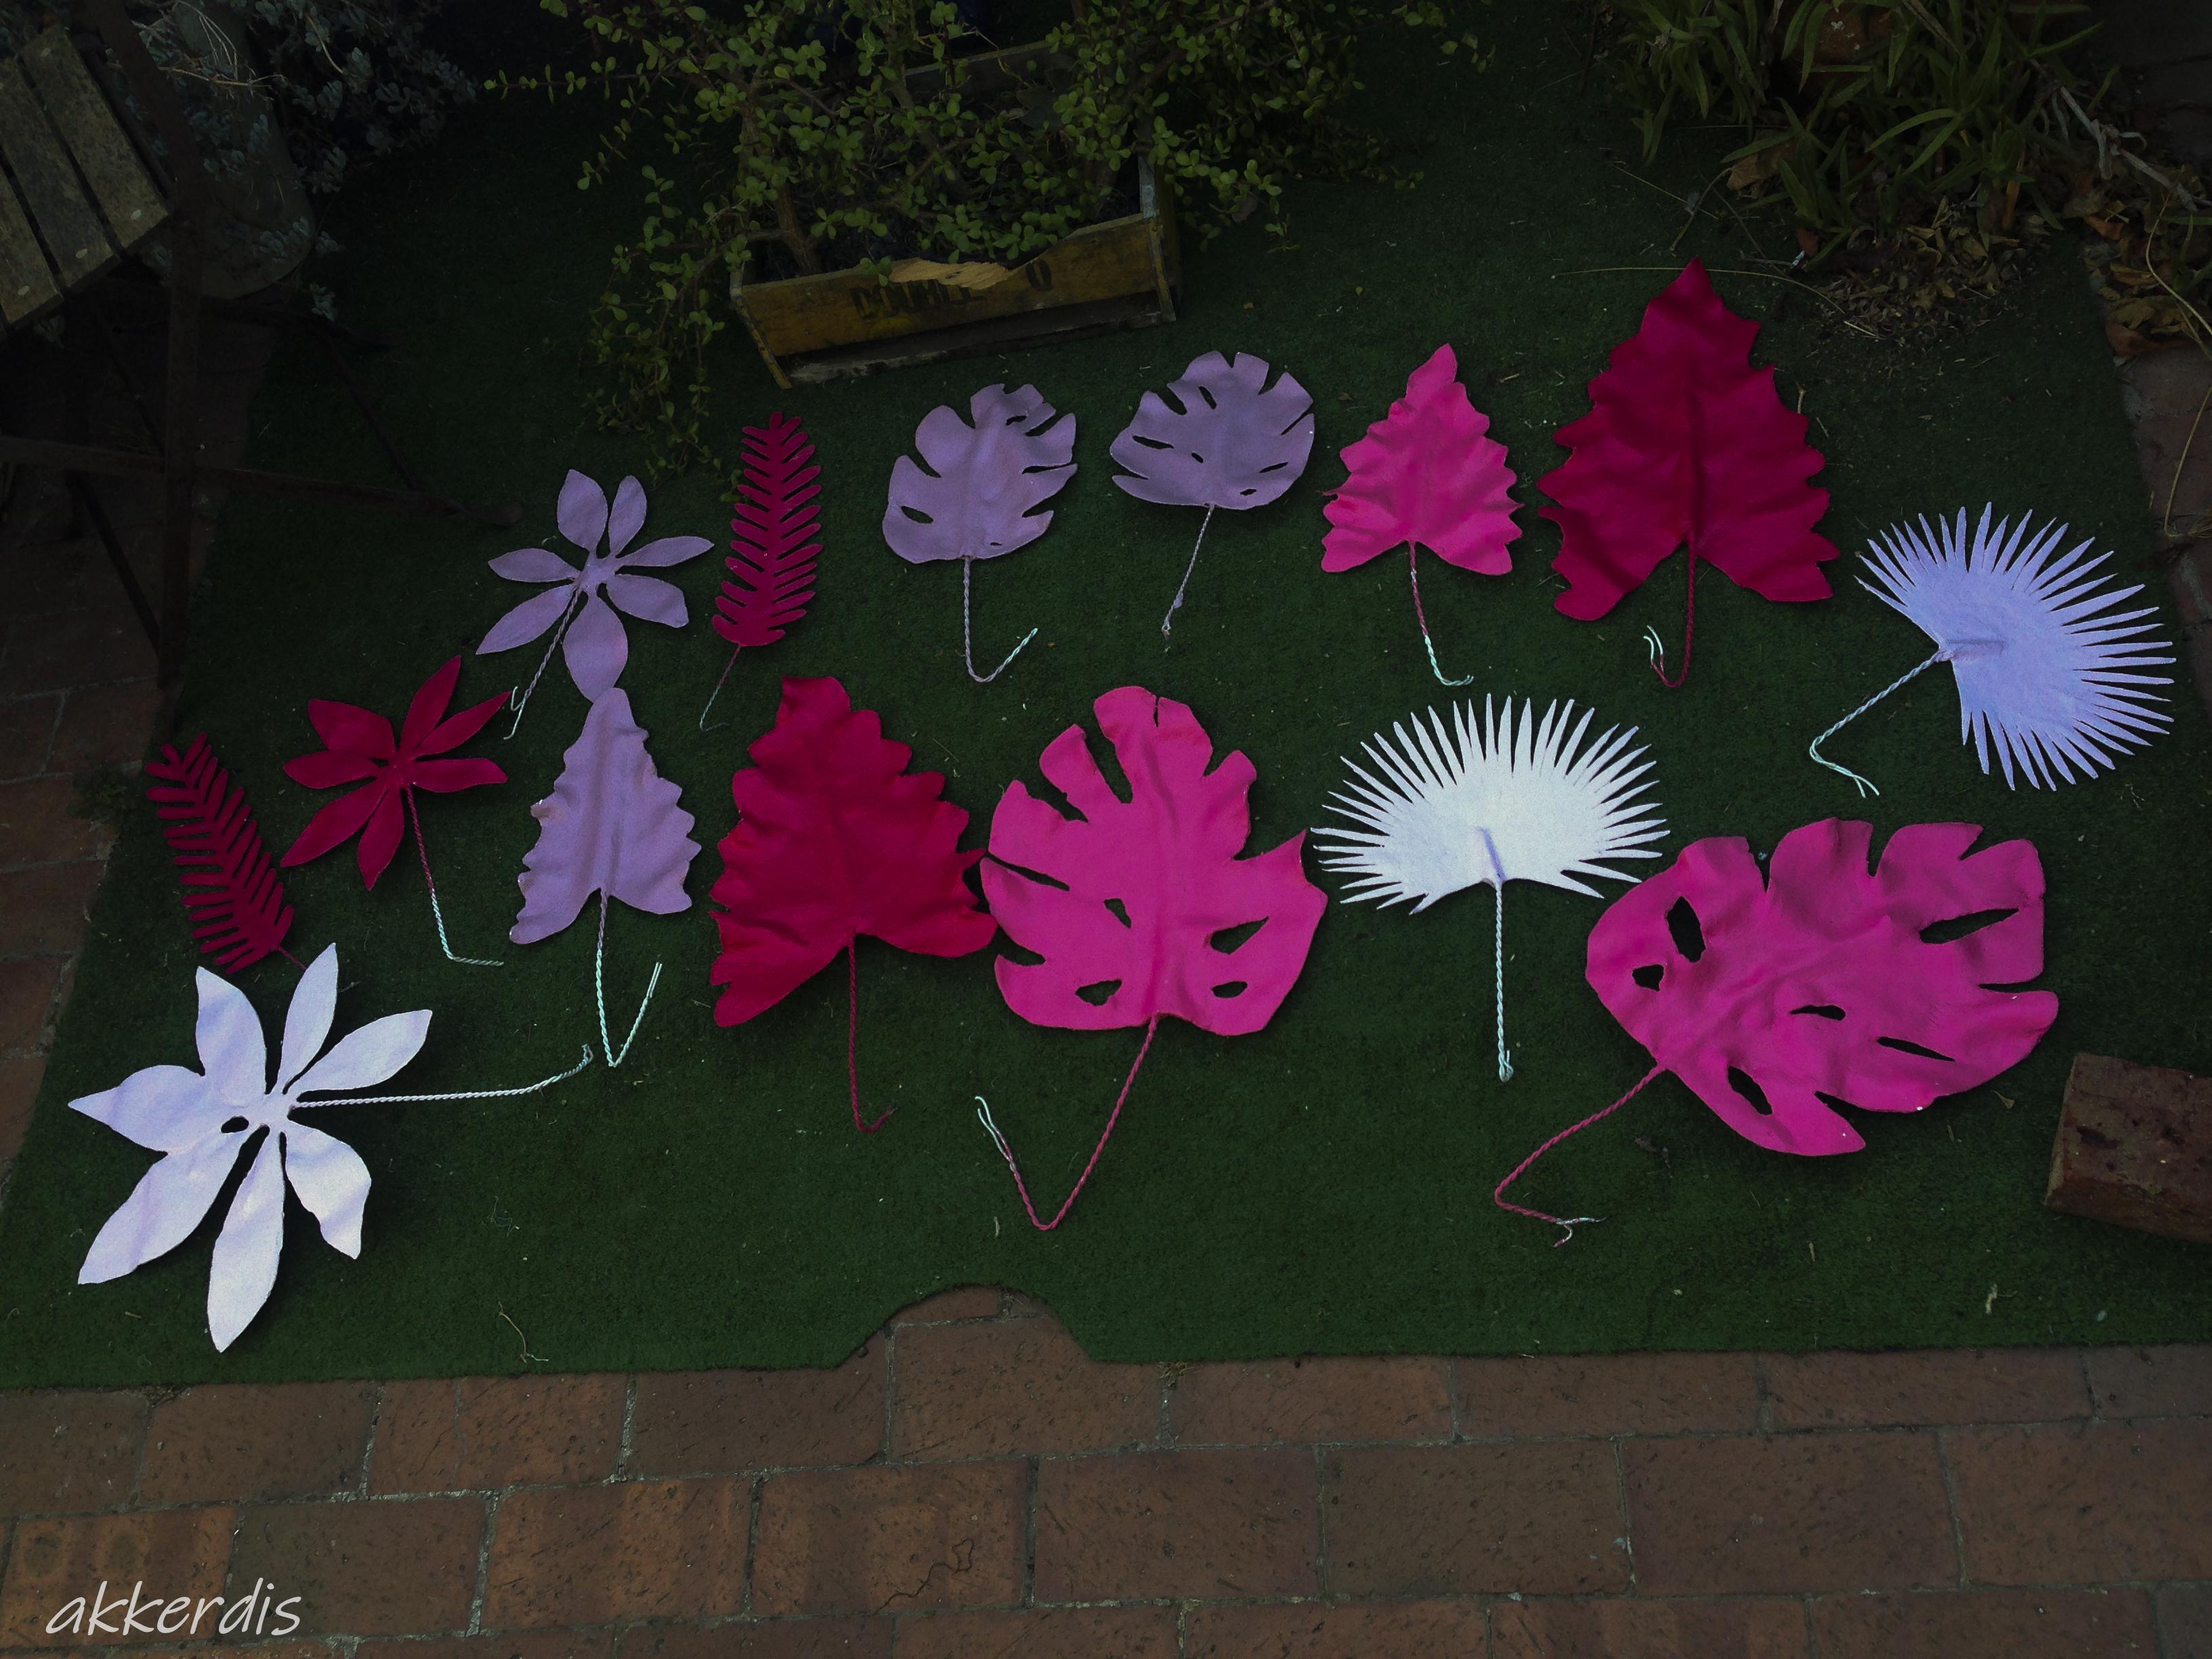 Fiberglass leaves